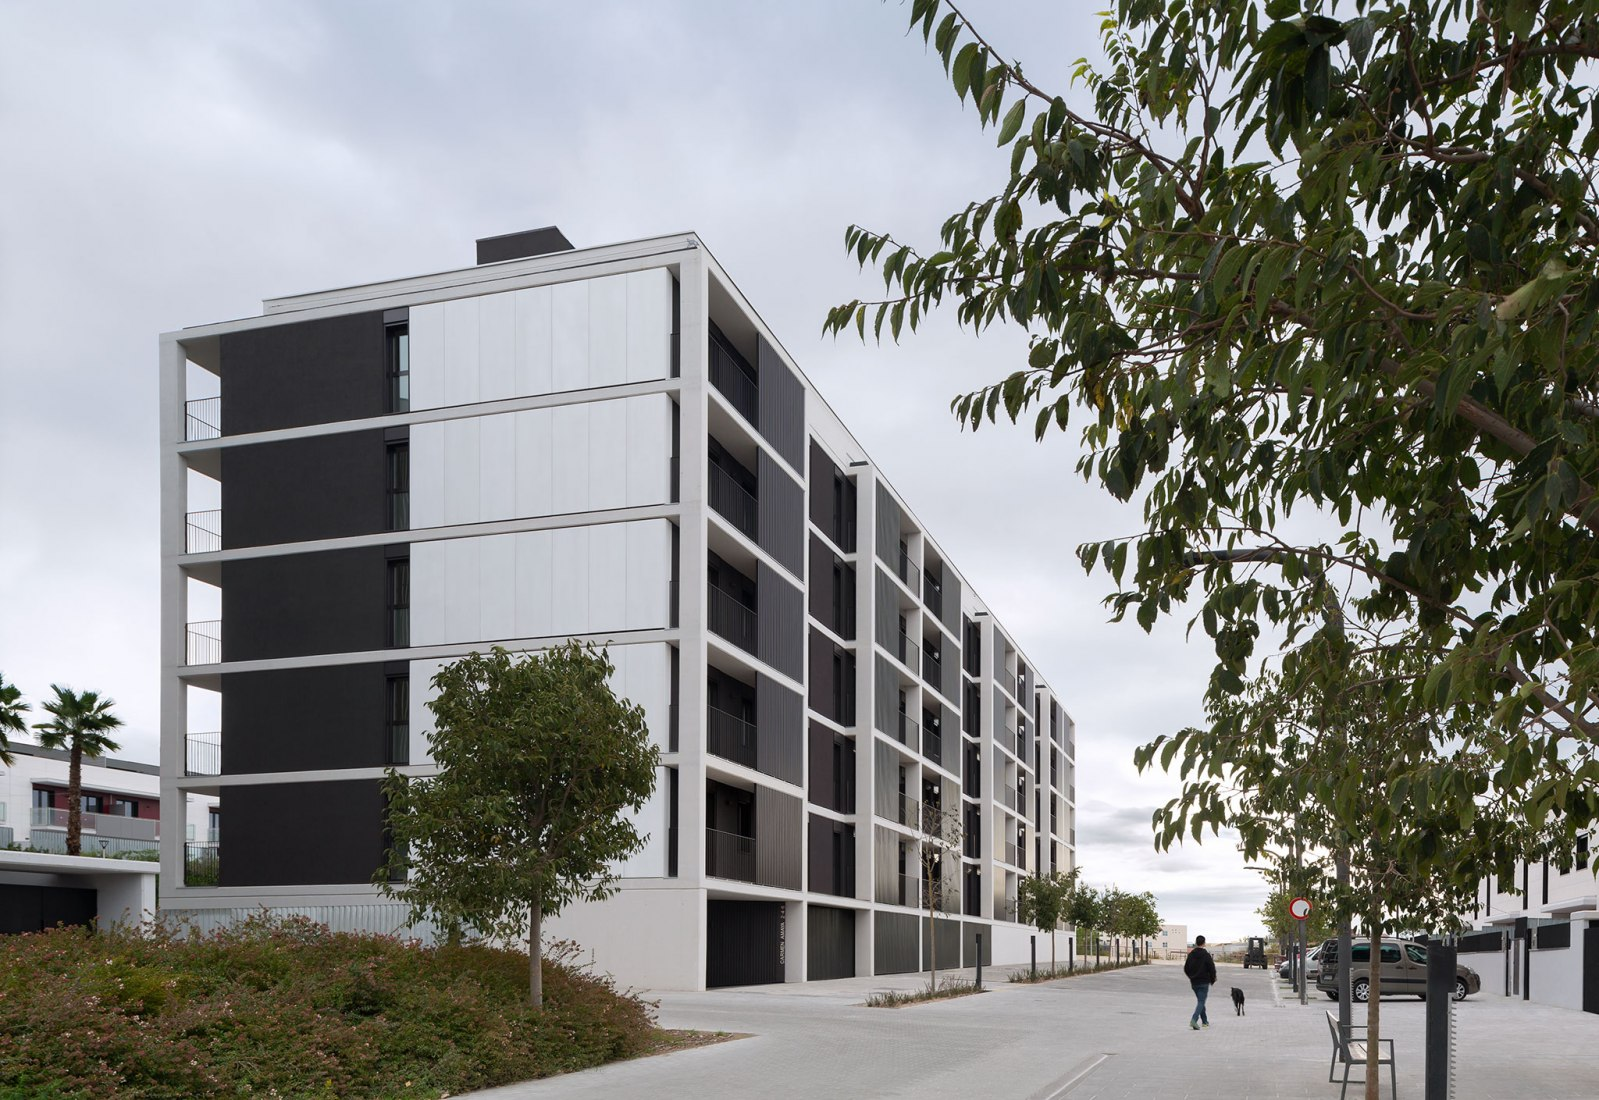 Tasman Housing by BXD Arquitectura. Photograph by Aleix Bagué